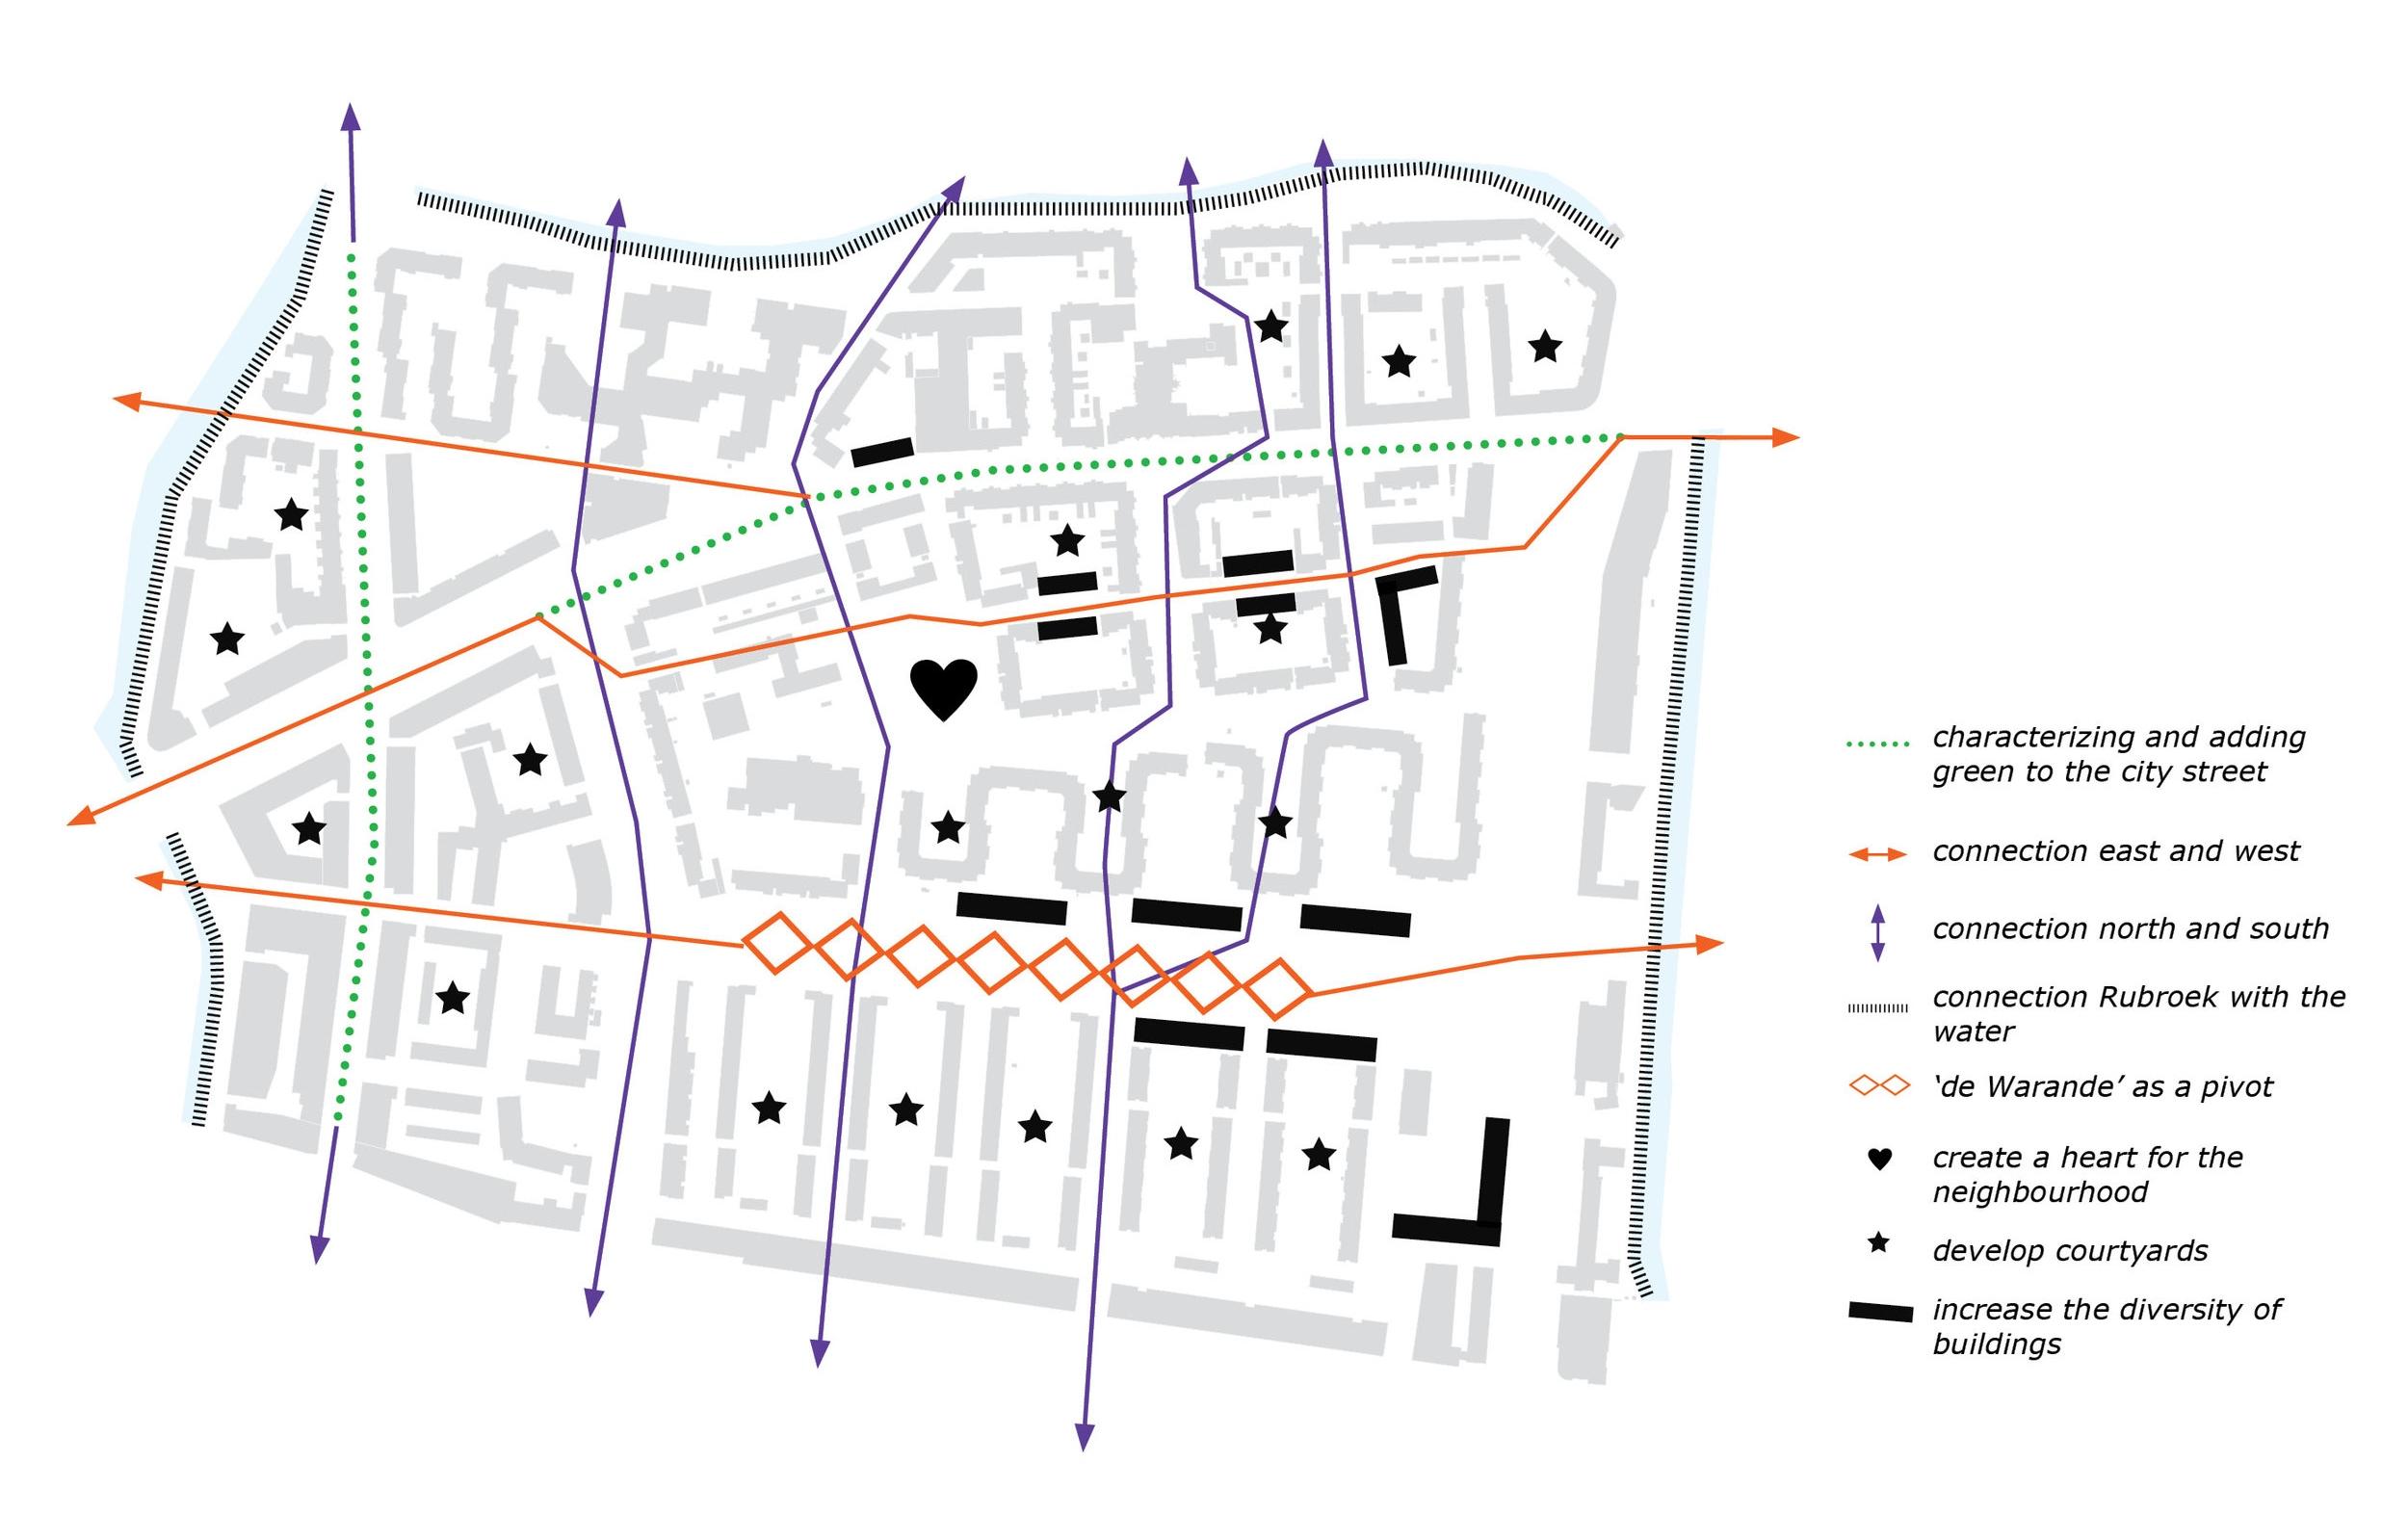 concept plan for Rubroek